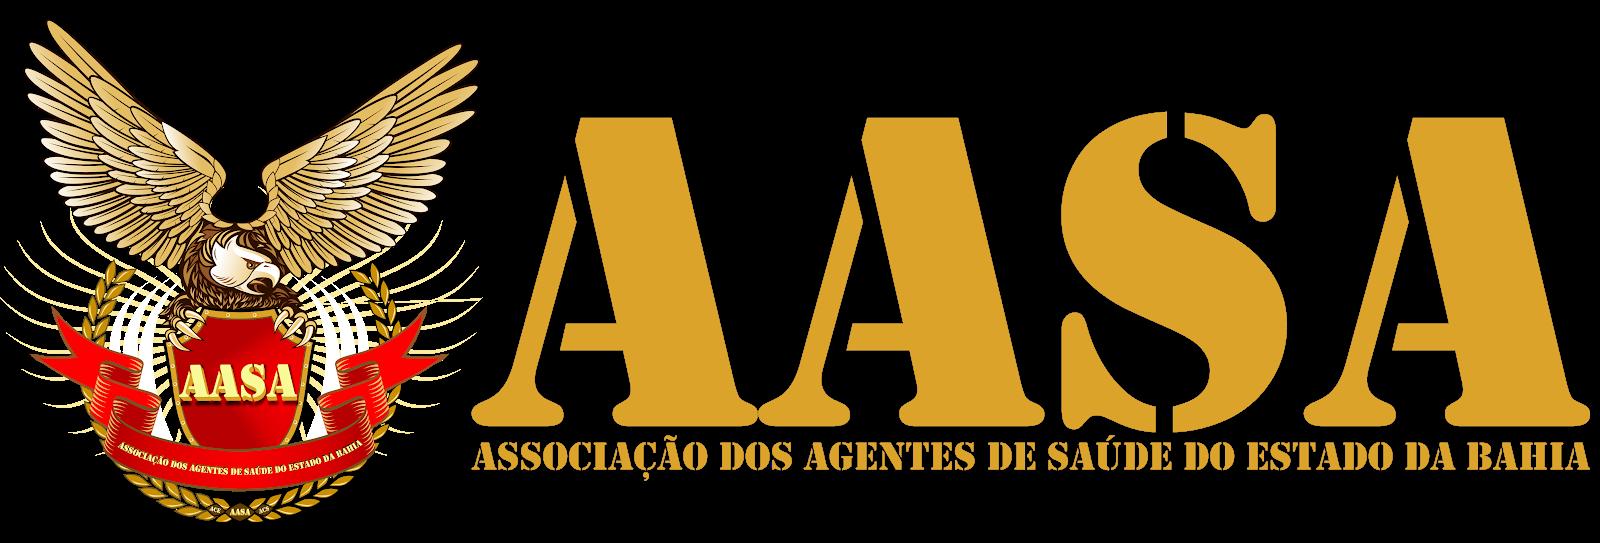 Associação dos Agentes de Saúde do Estado da Bahia